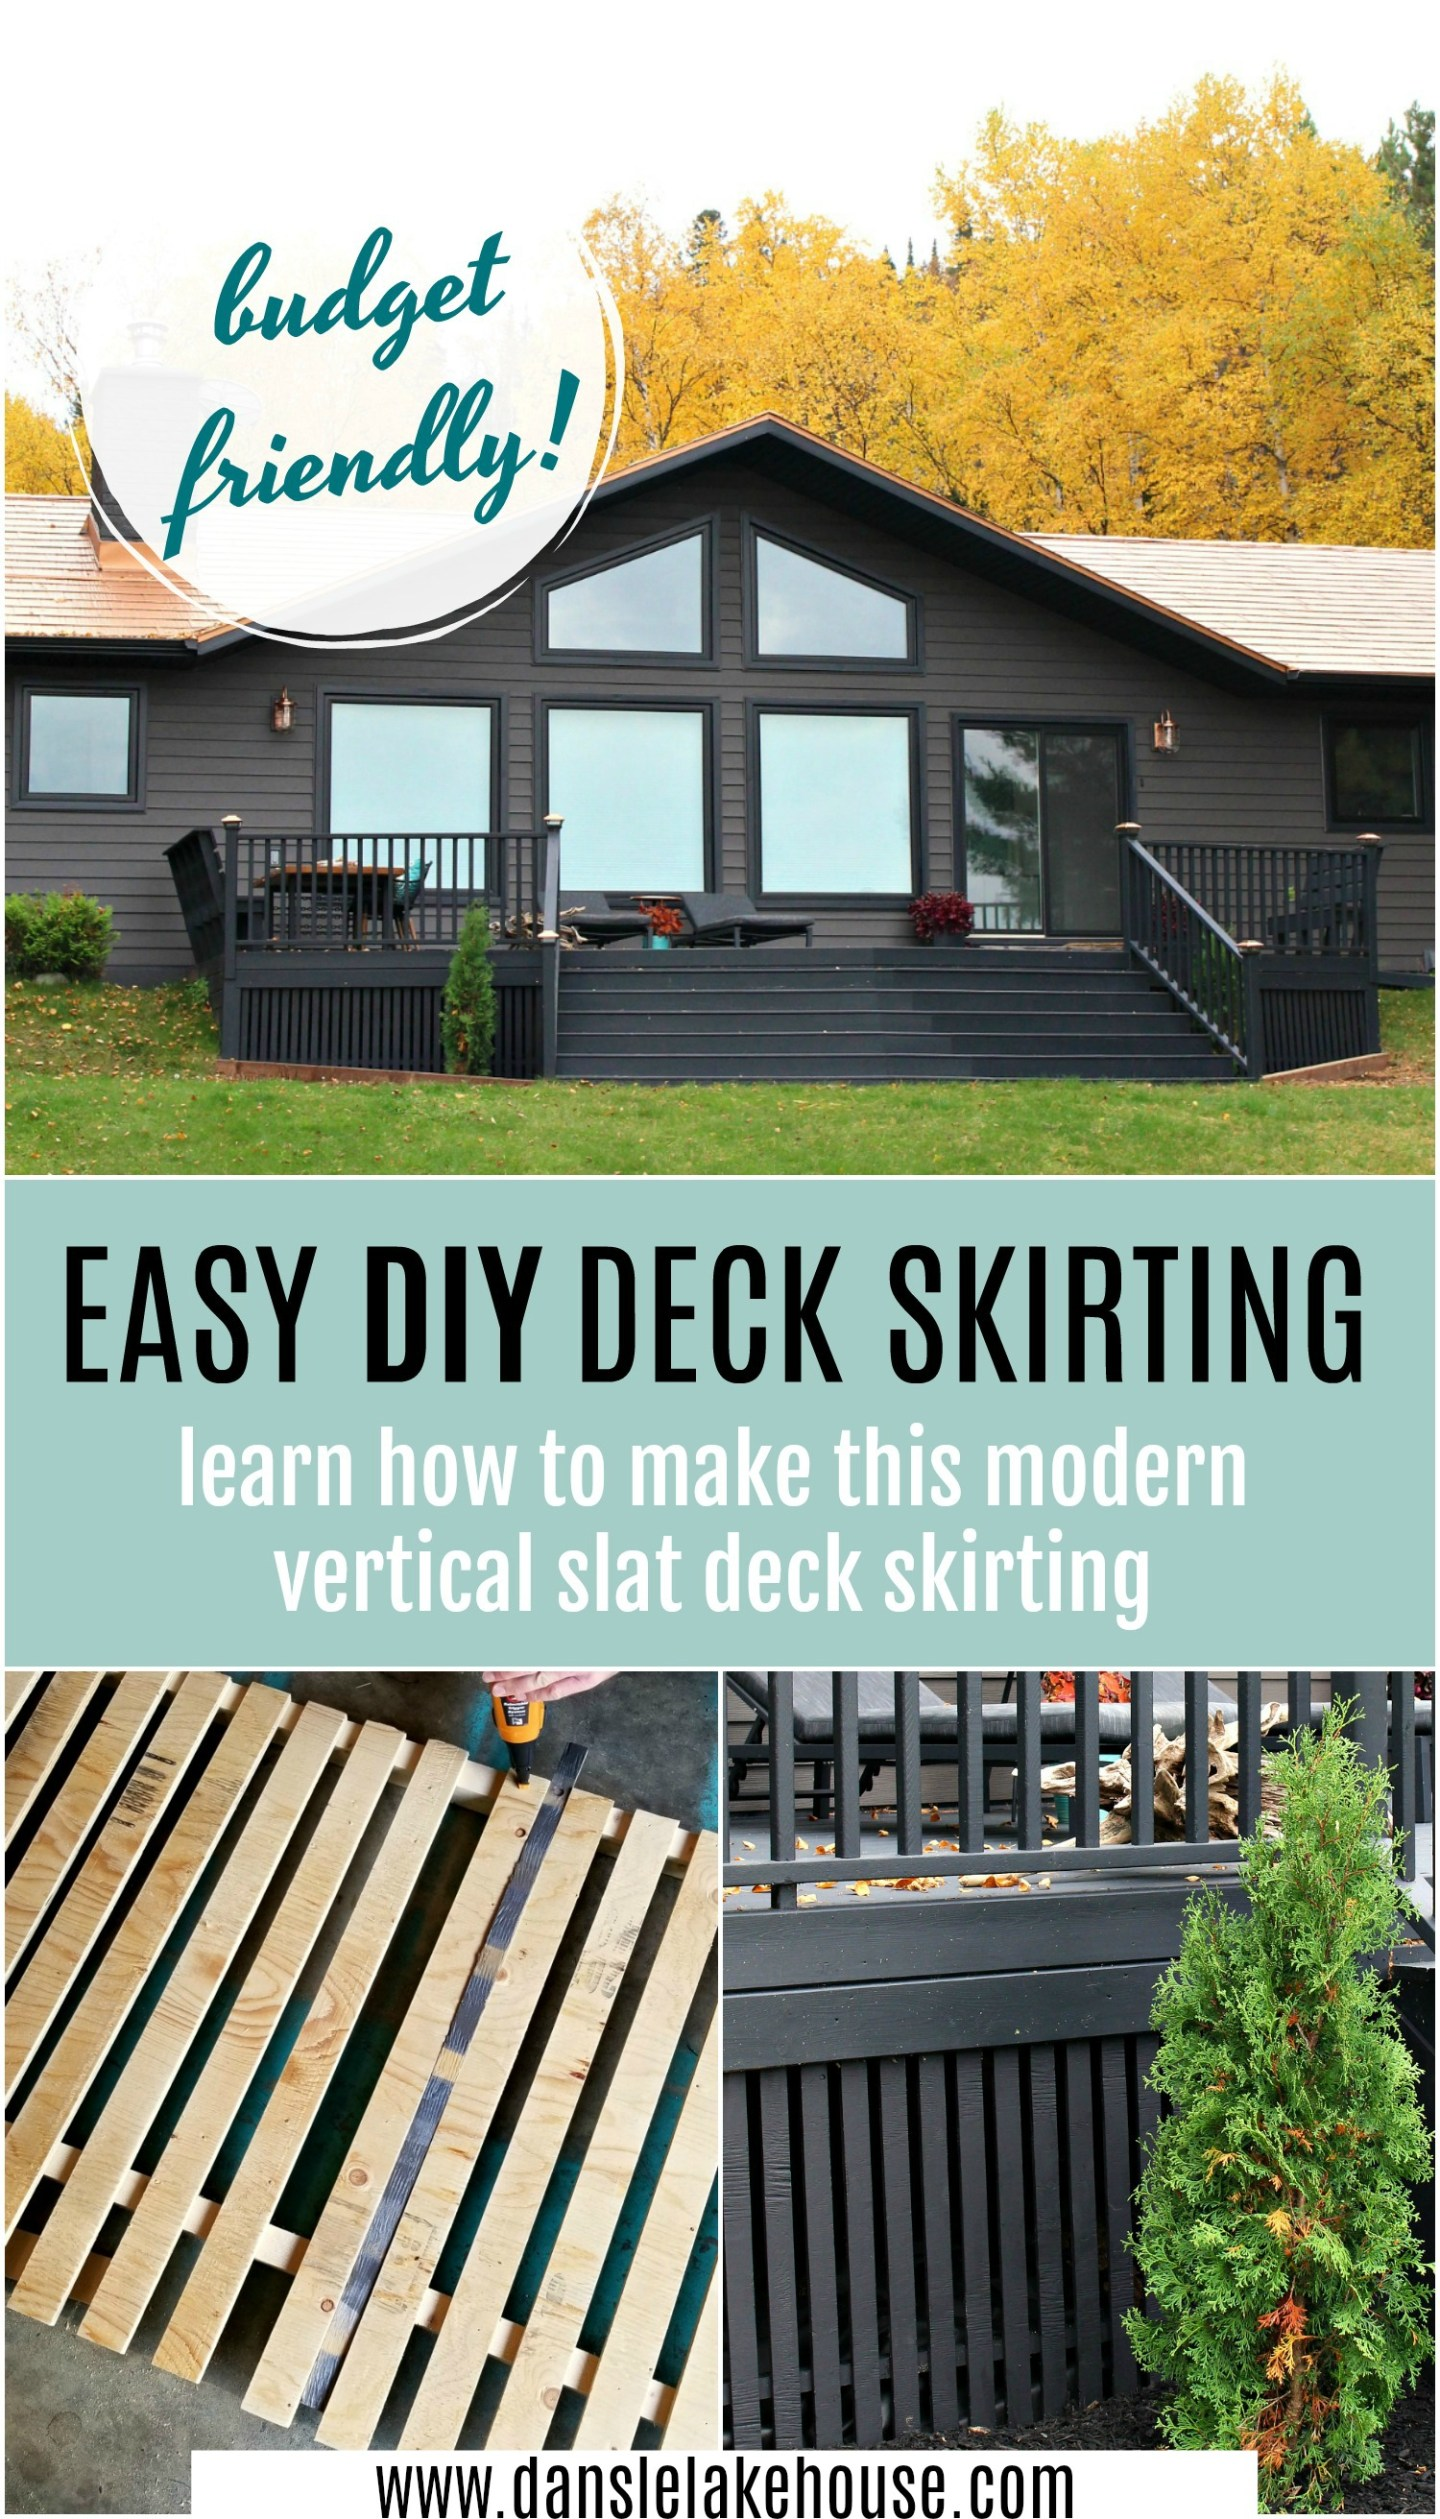 Easy DIY Deck Skirting Tutorial. Learn How to Make Modern Vertical Slat Deck Skirting